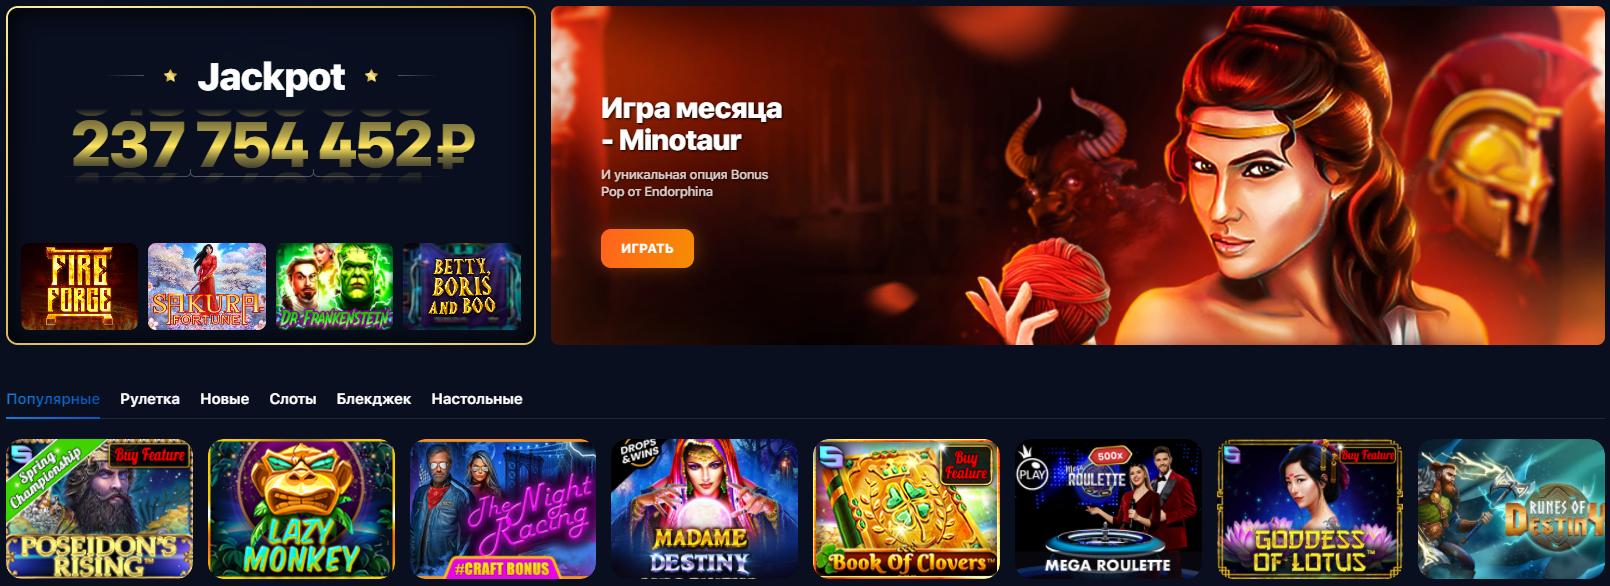 1win онлайн казино на официальном сайте букмекерской конторы